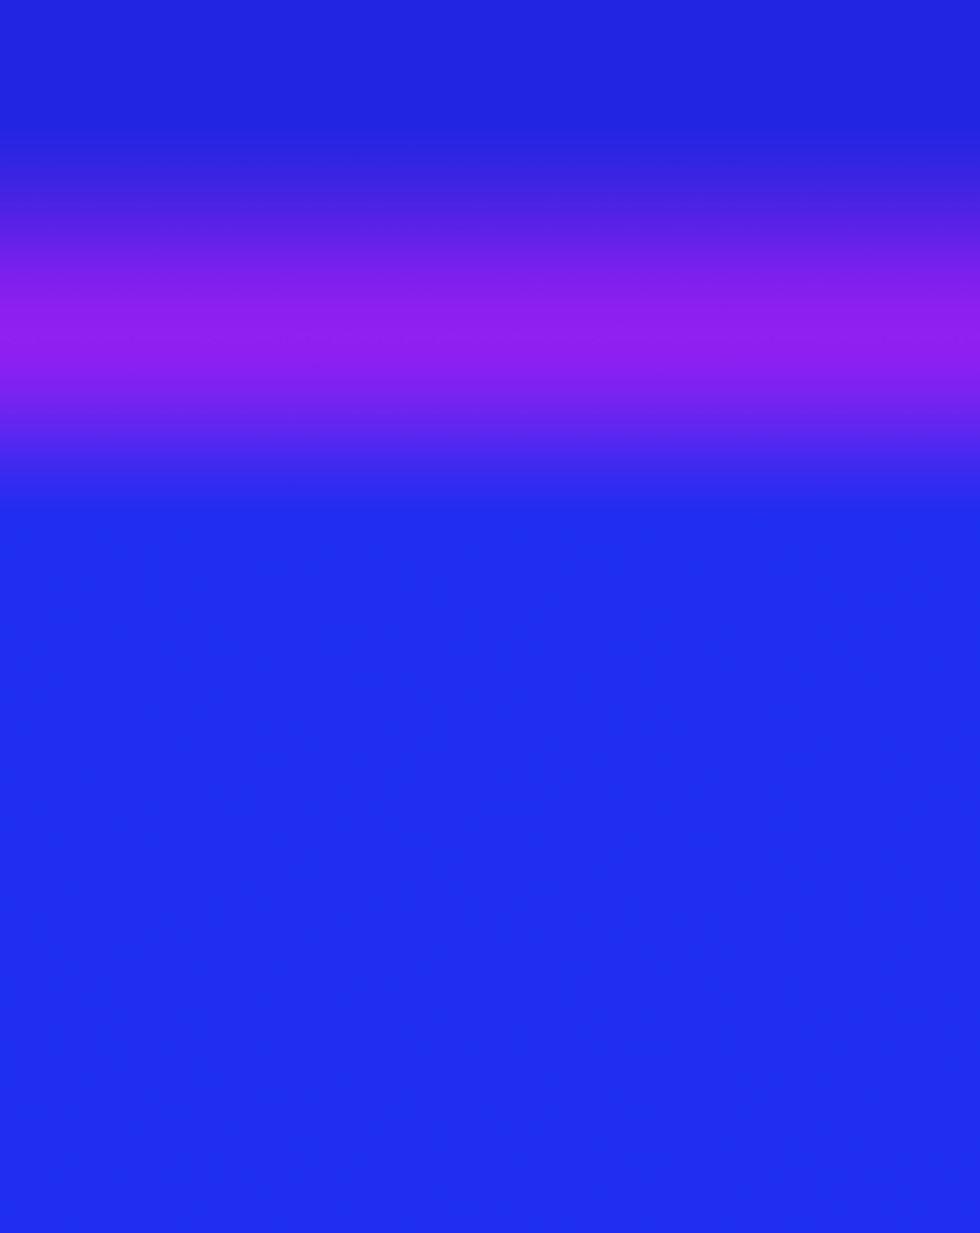 backgroundWebsite_v3.jpg